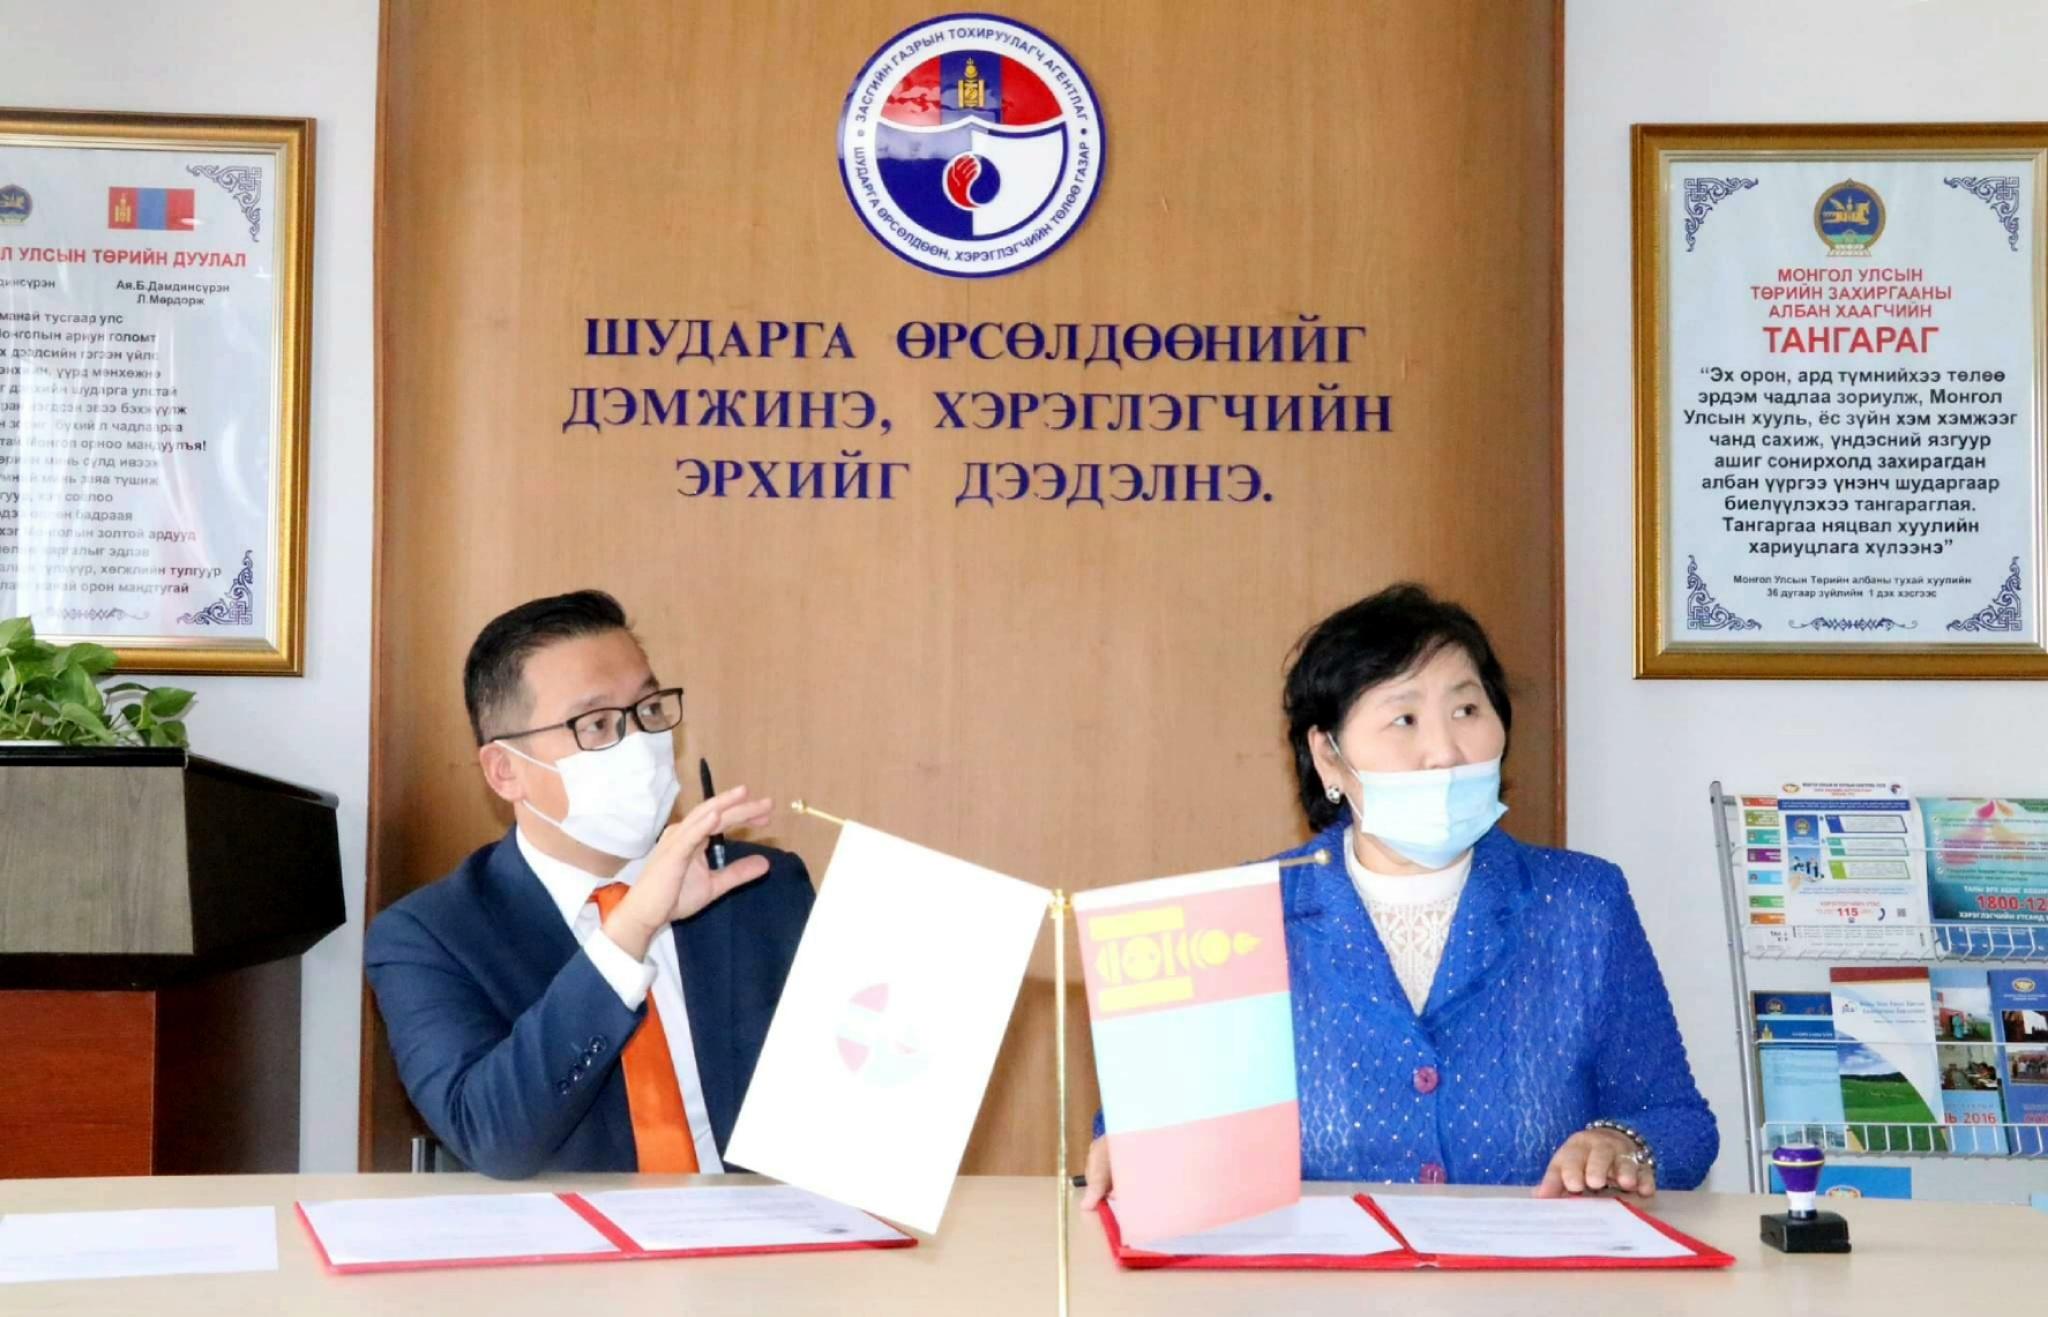 ШӨХТГ, Монголын жижиглэн худалдаа эрхлэгчдийн холбоотой хамтран ажиллана